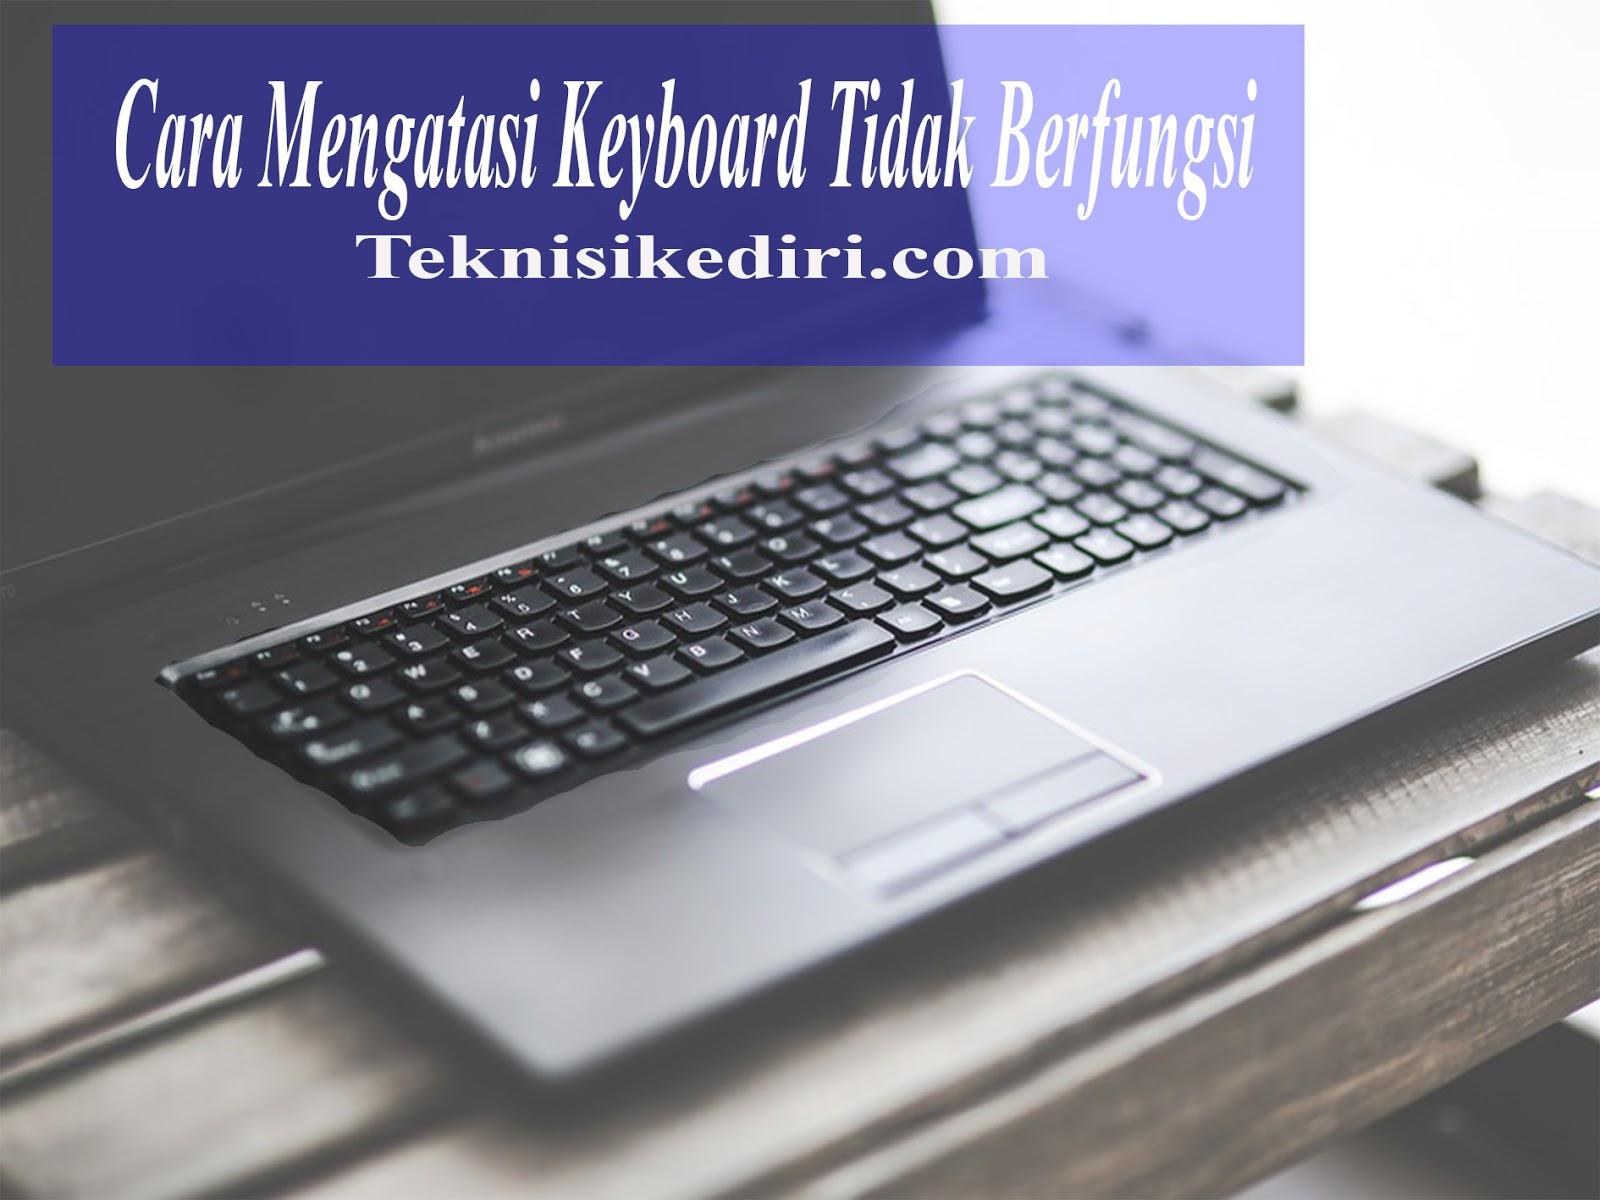 Memperbaiki Keyboard Laptop Yang Rusak 7 Cara Memperbaiki Keyboard